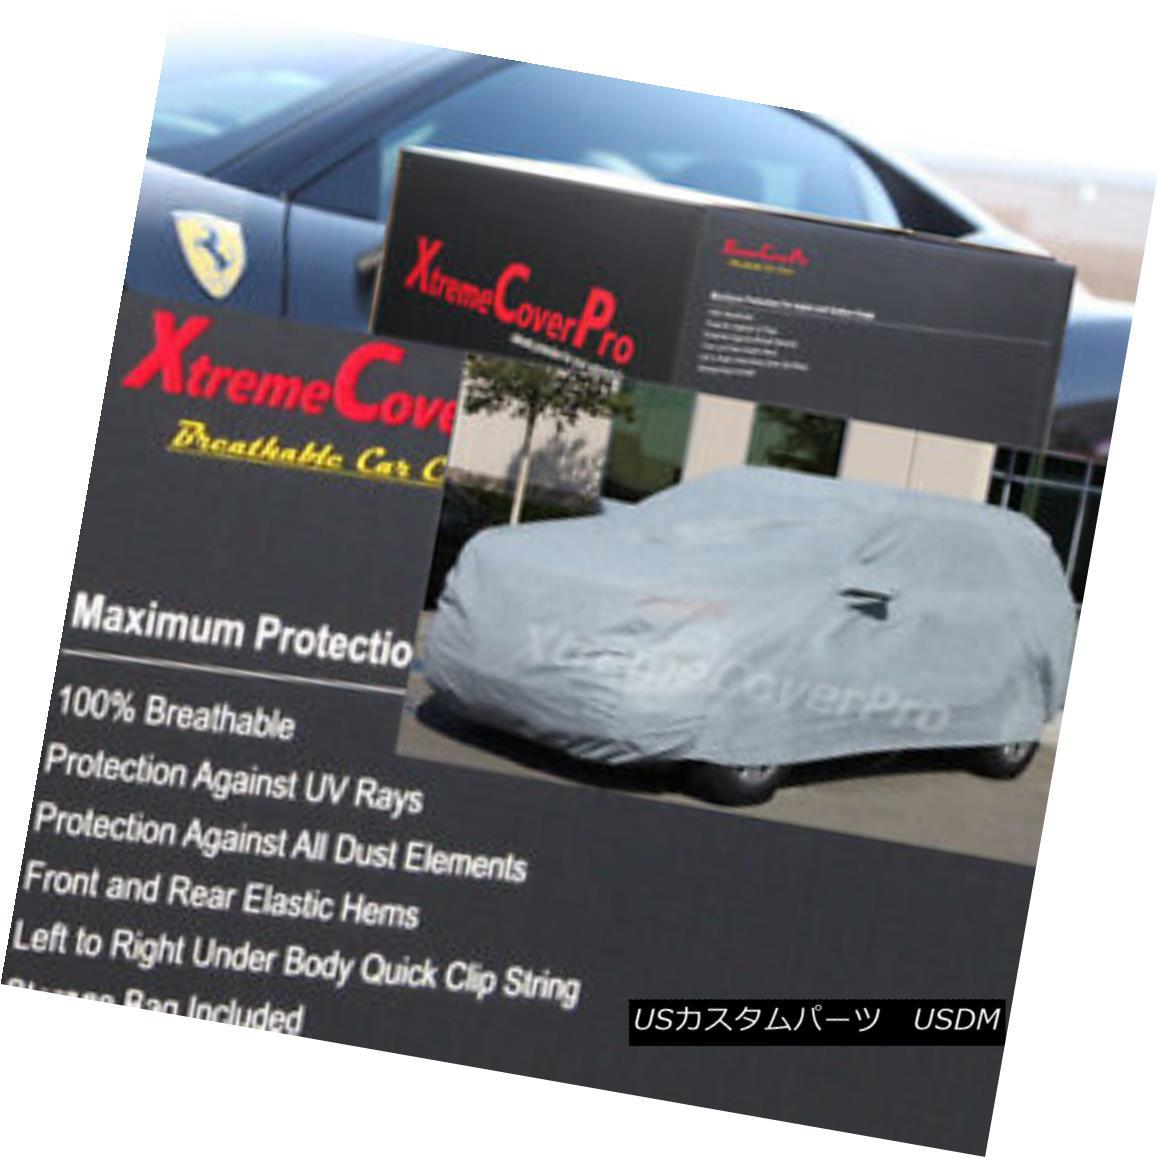 カーカバー 2014 BMW X5 X5M Breathable Car Cover w/ Mirror Pocket 2014 BMW X5 X5M通気性の車カバー(ミラーポケット付)